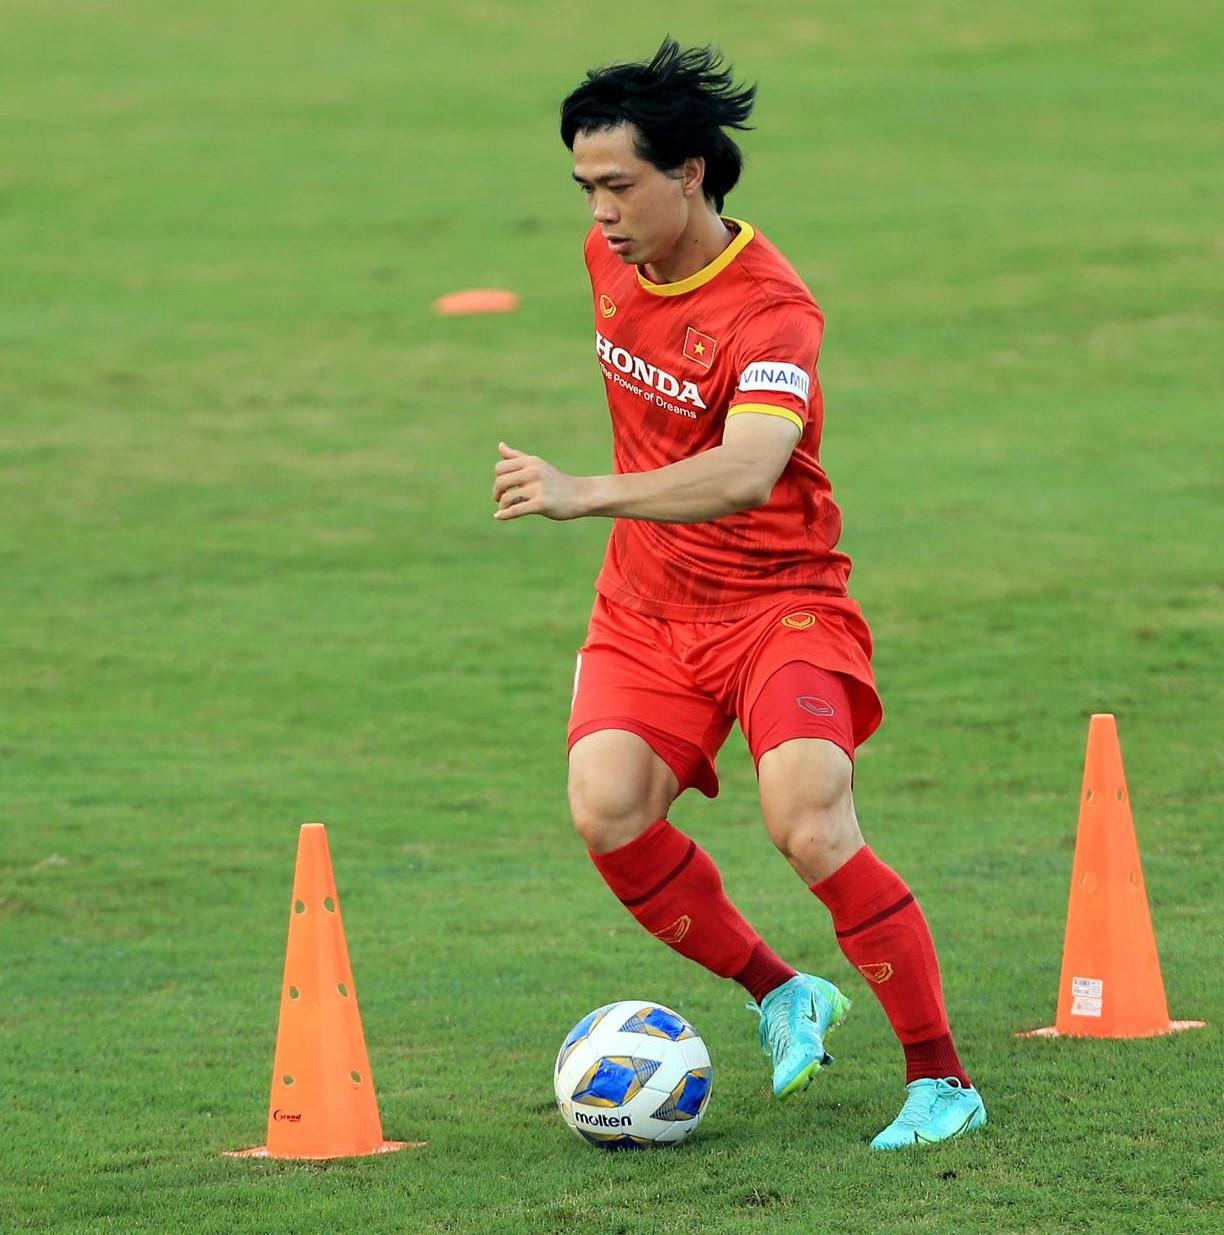 Trở lại ĐT Việt Nam, Công Phượng ghi 4 bàn trong 3 trận liên tiếp - Ảnh 1.